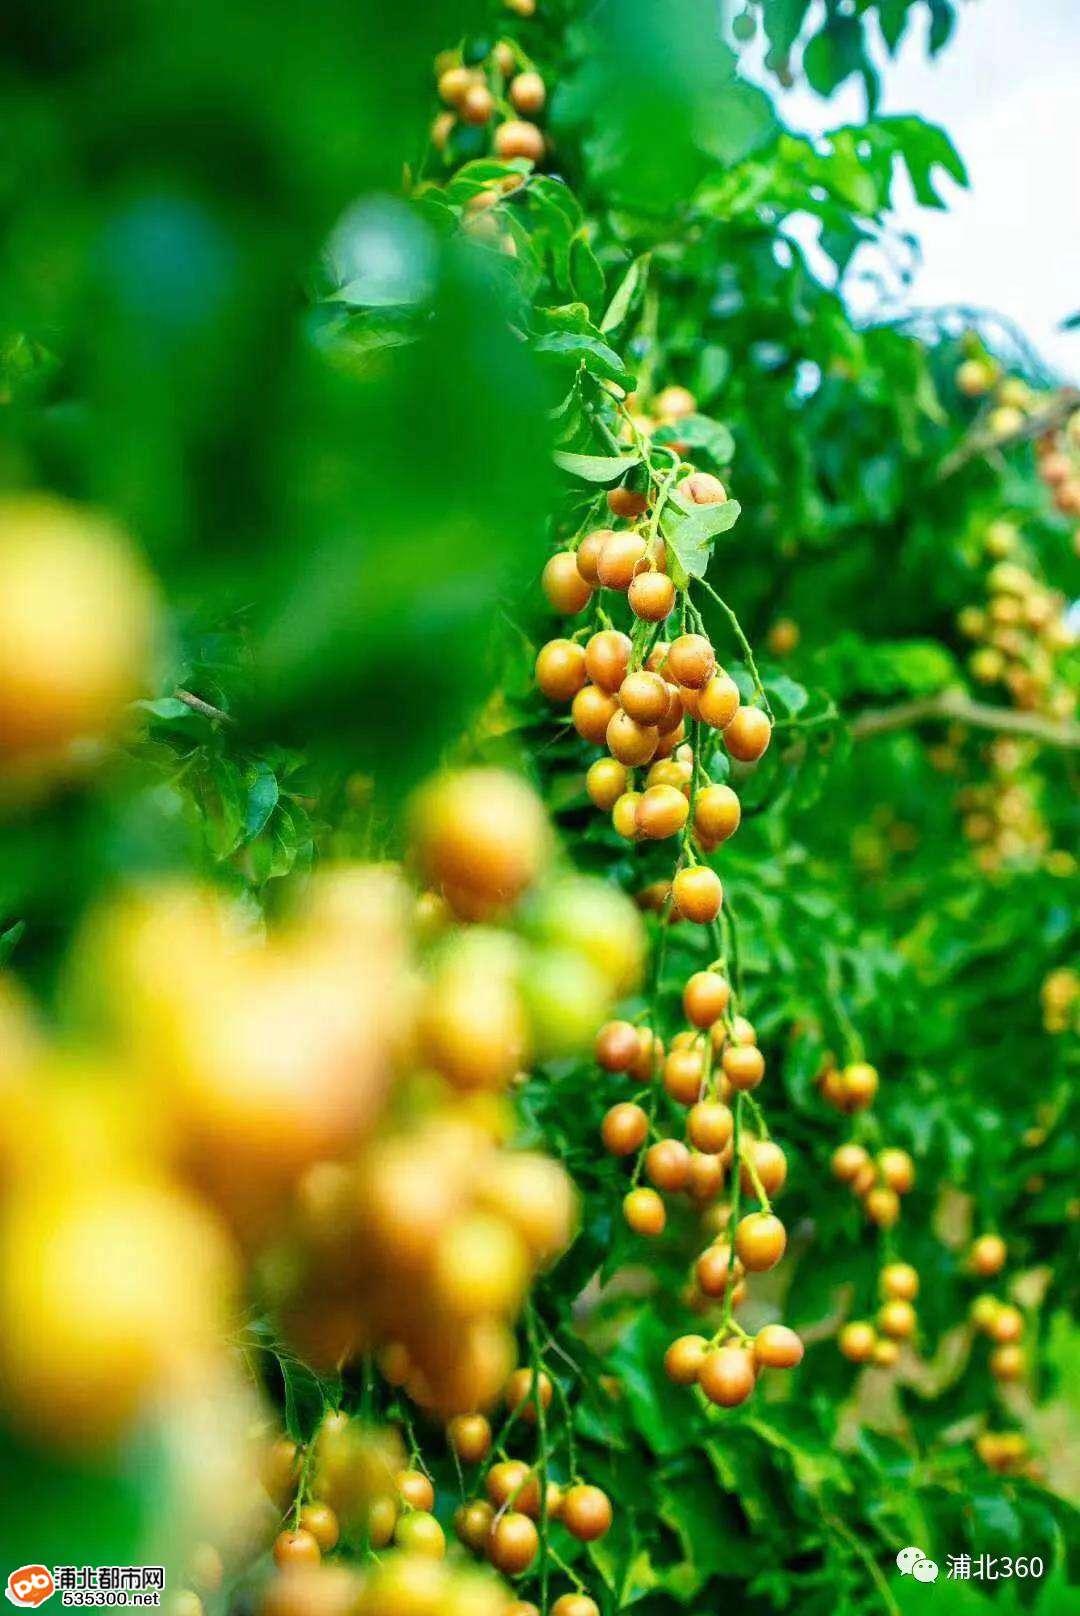 浦北这里的黄皮果熟啦!满村子都是!想摘果的快来了!